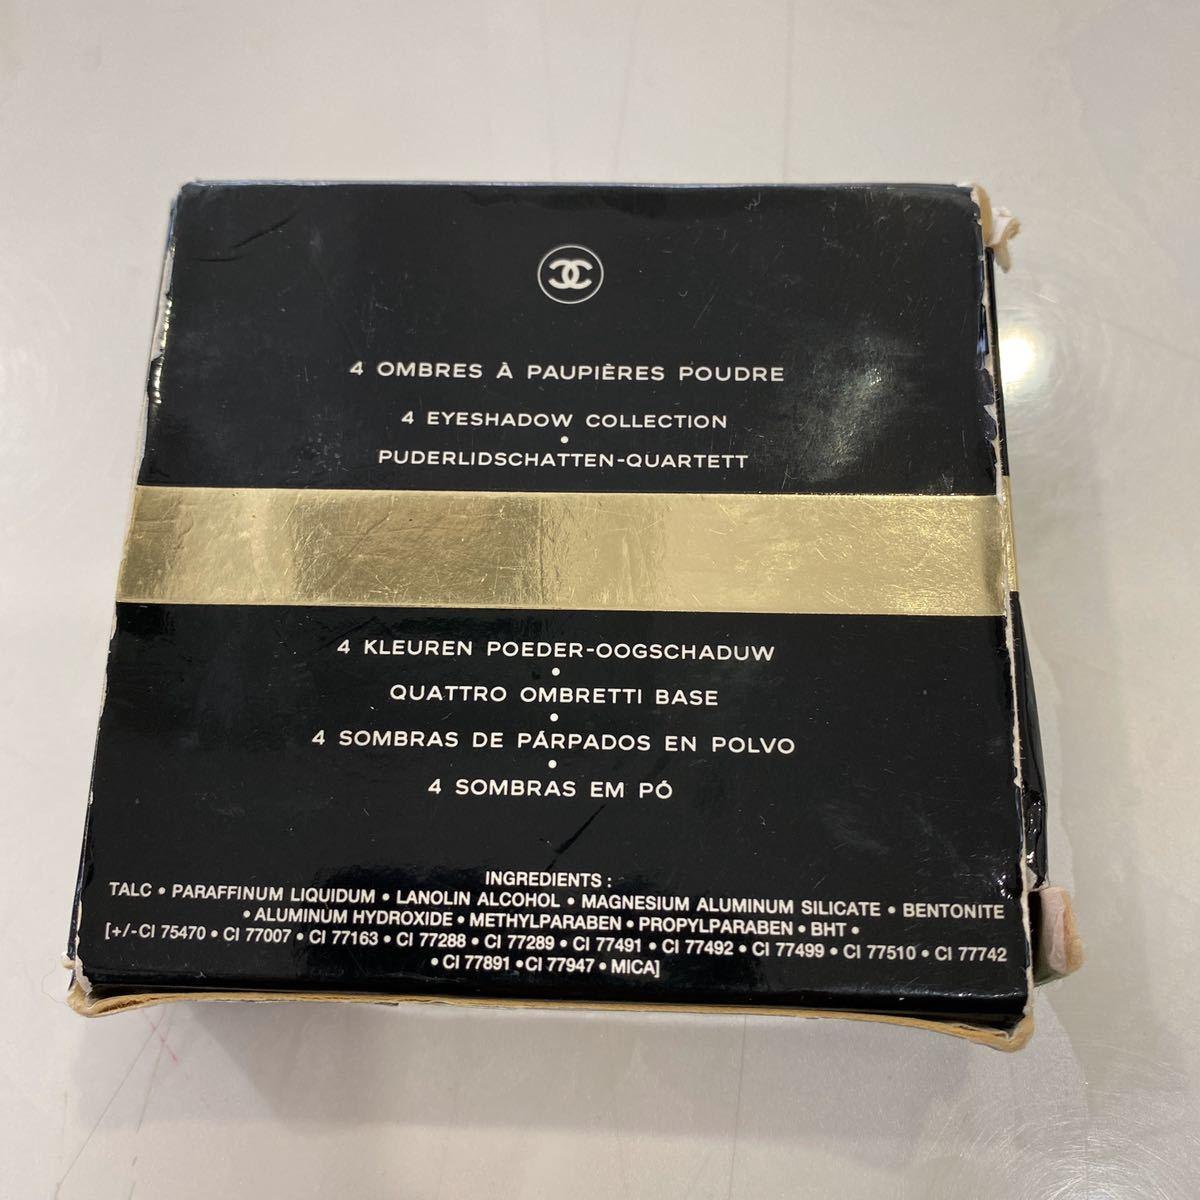 【★SALE★】 CHANEL シャネル アイシャドウ LES 4 OMBRES 98 シャネルアイシャドウ オンブル レディース コスメ メイク アイメイク 化粧